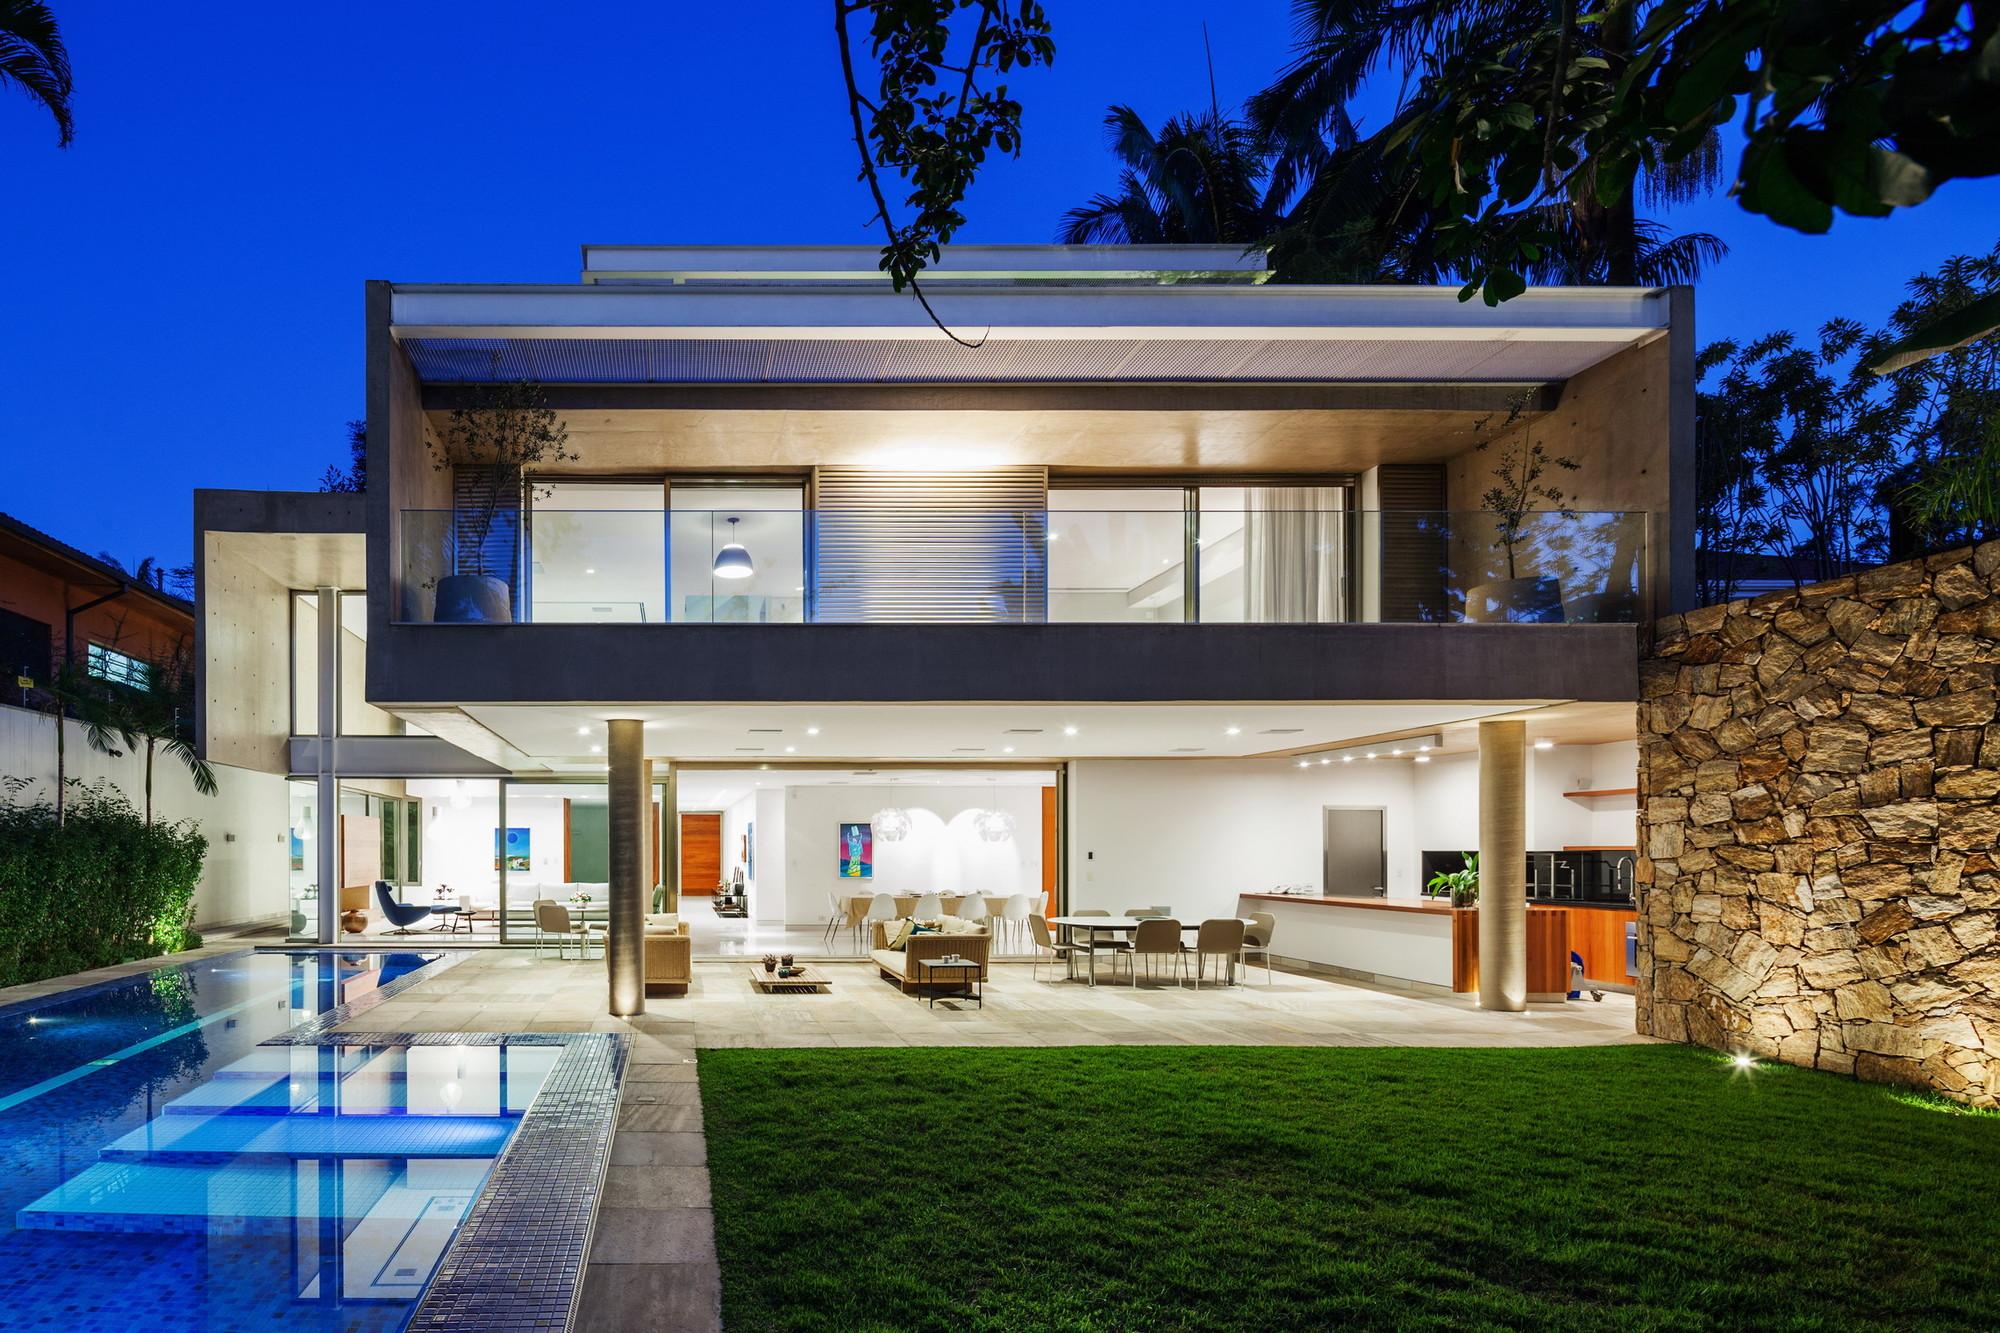 Residencia MG / Reinach Mendonça Arquitetos Associados